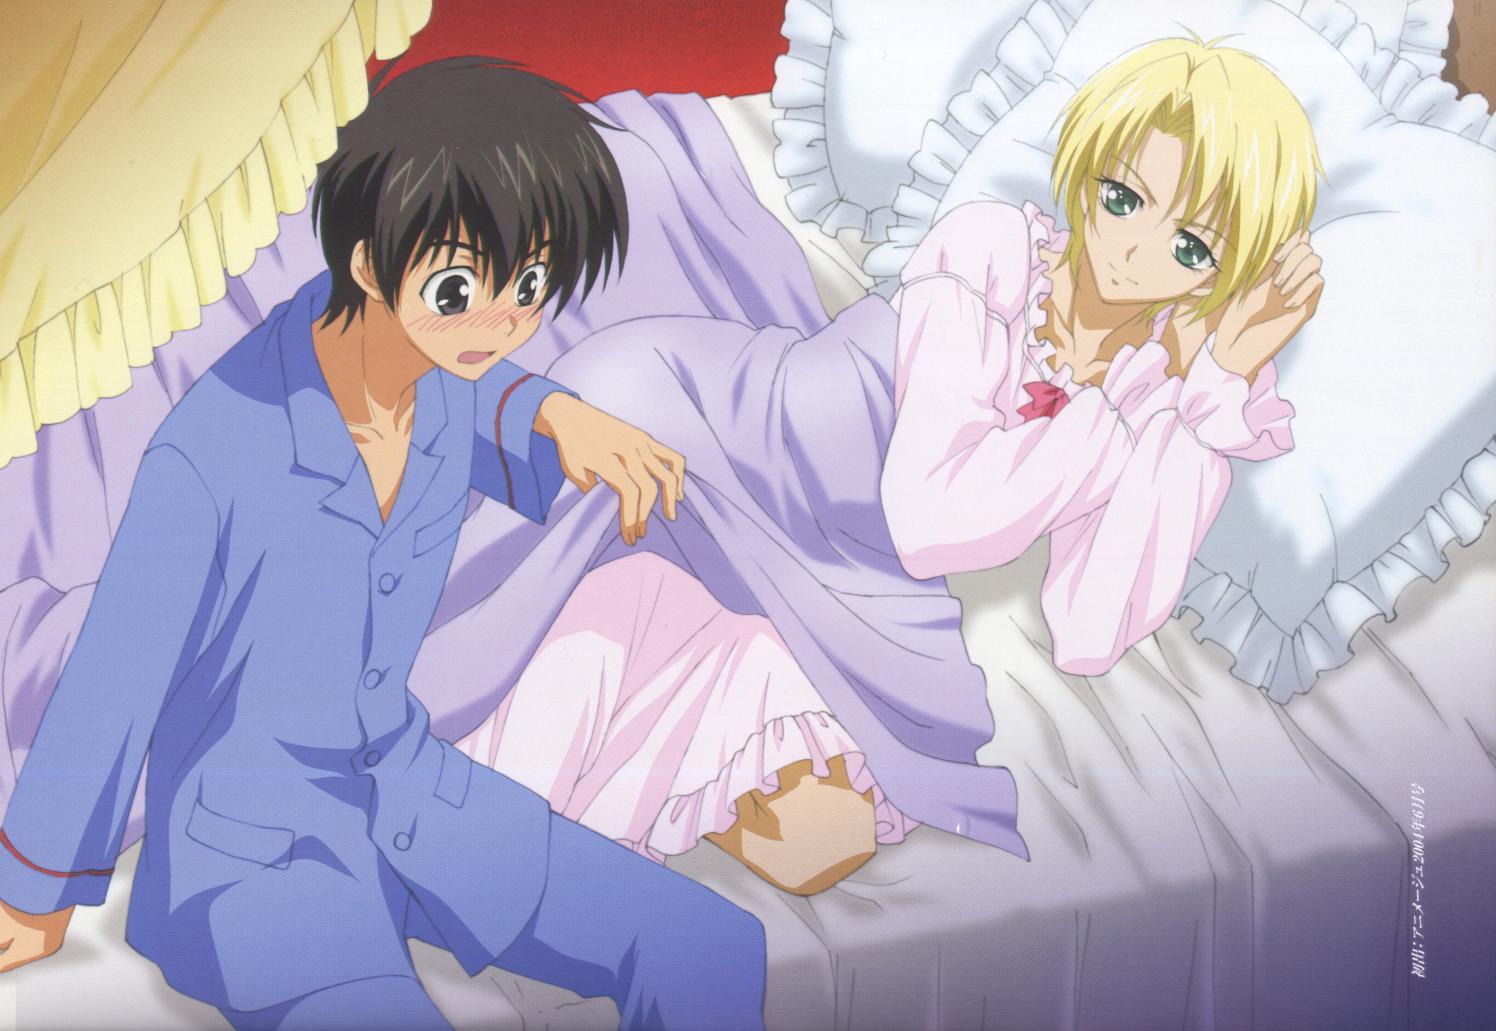 crossdressing anime